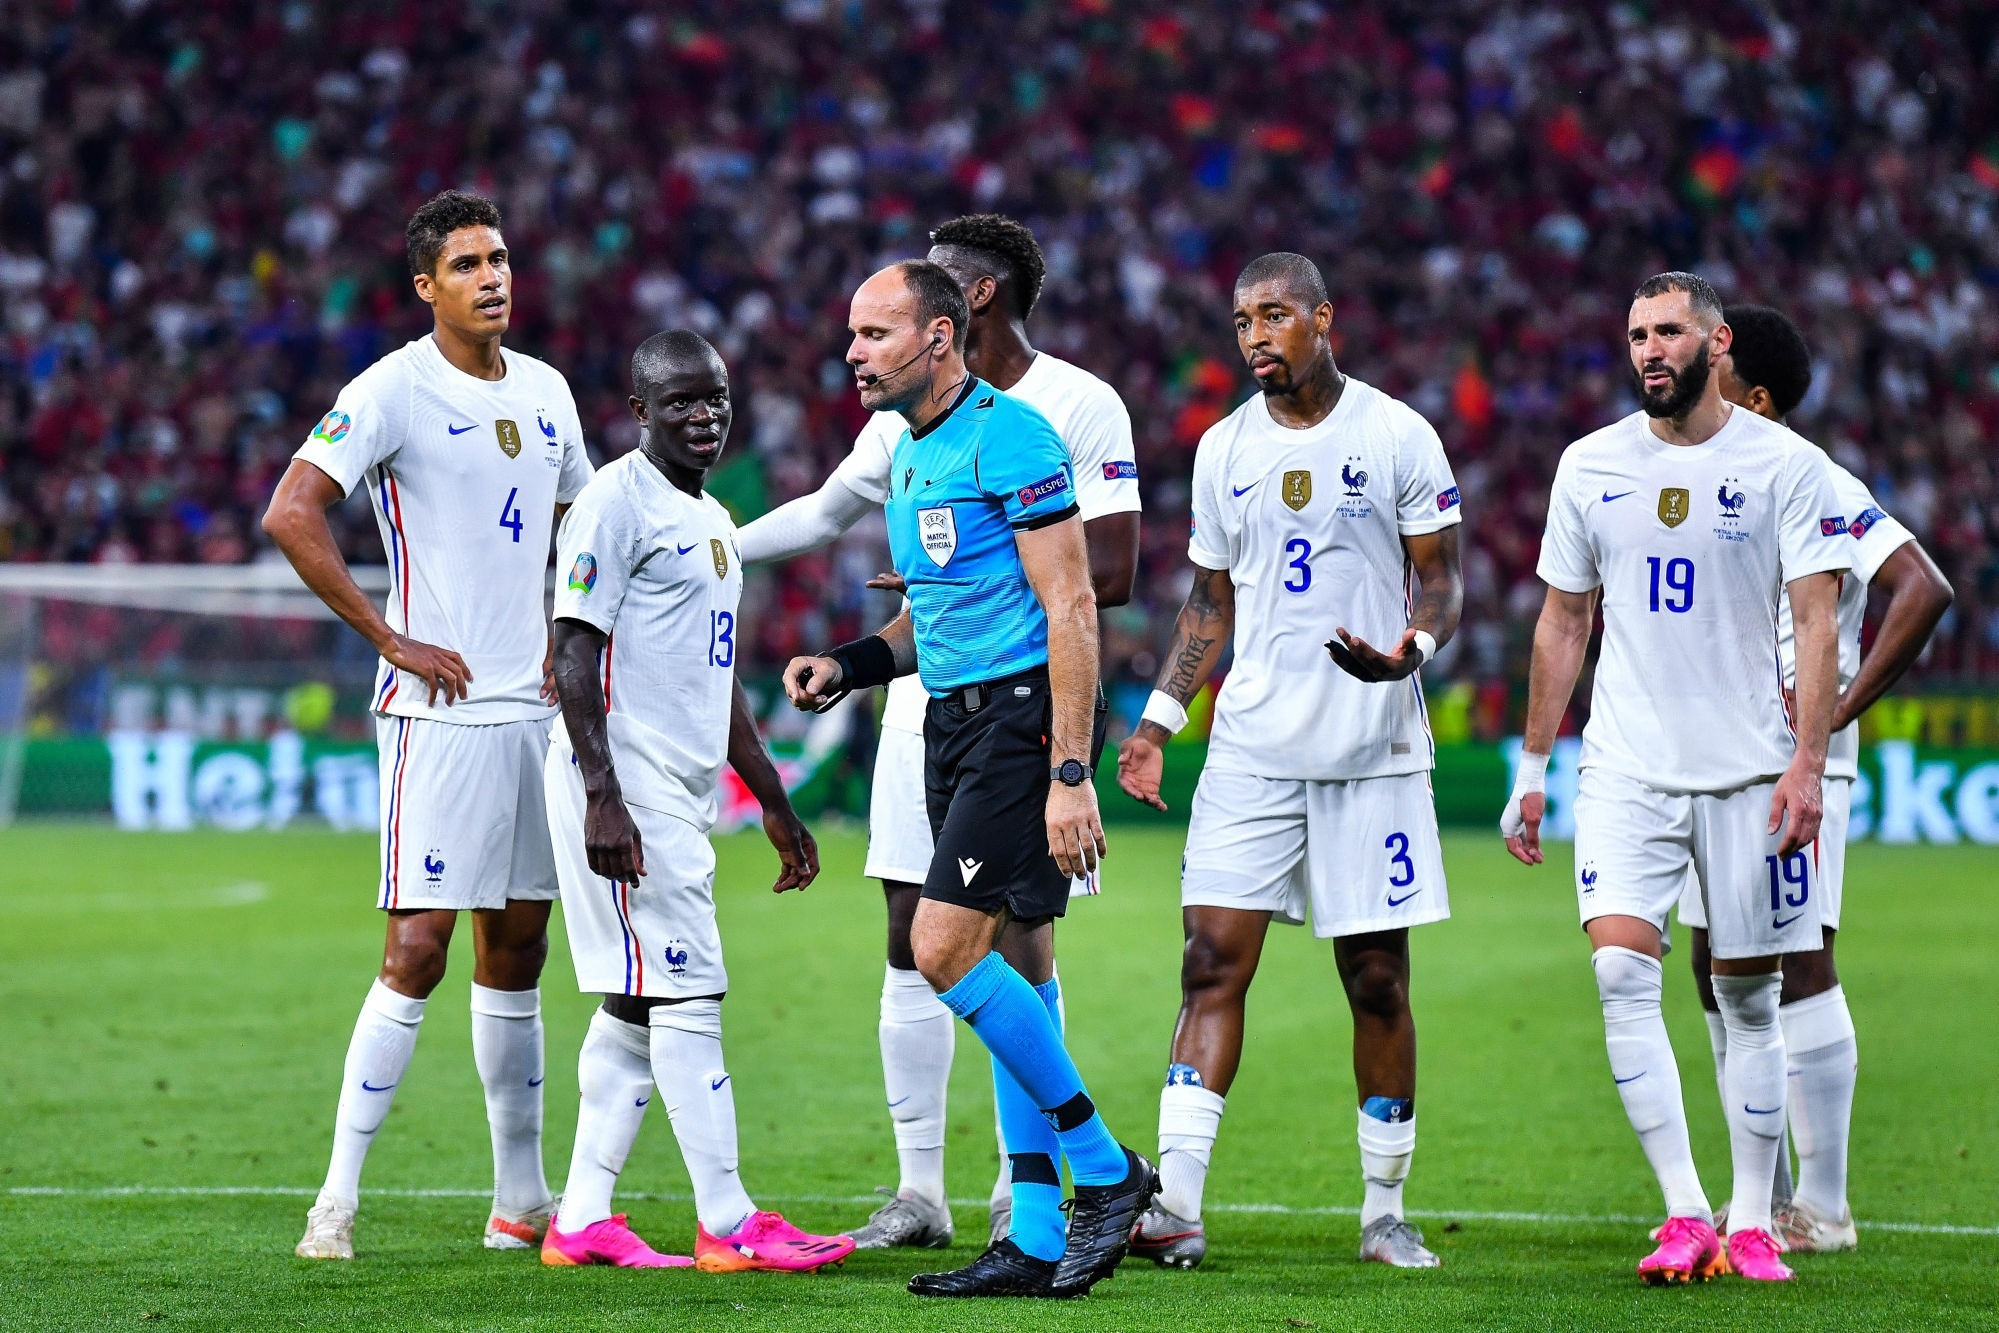 Portugal/France - Les notes des Bleus dans la presse, des joueurs en difficulté dont Kimpembe